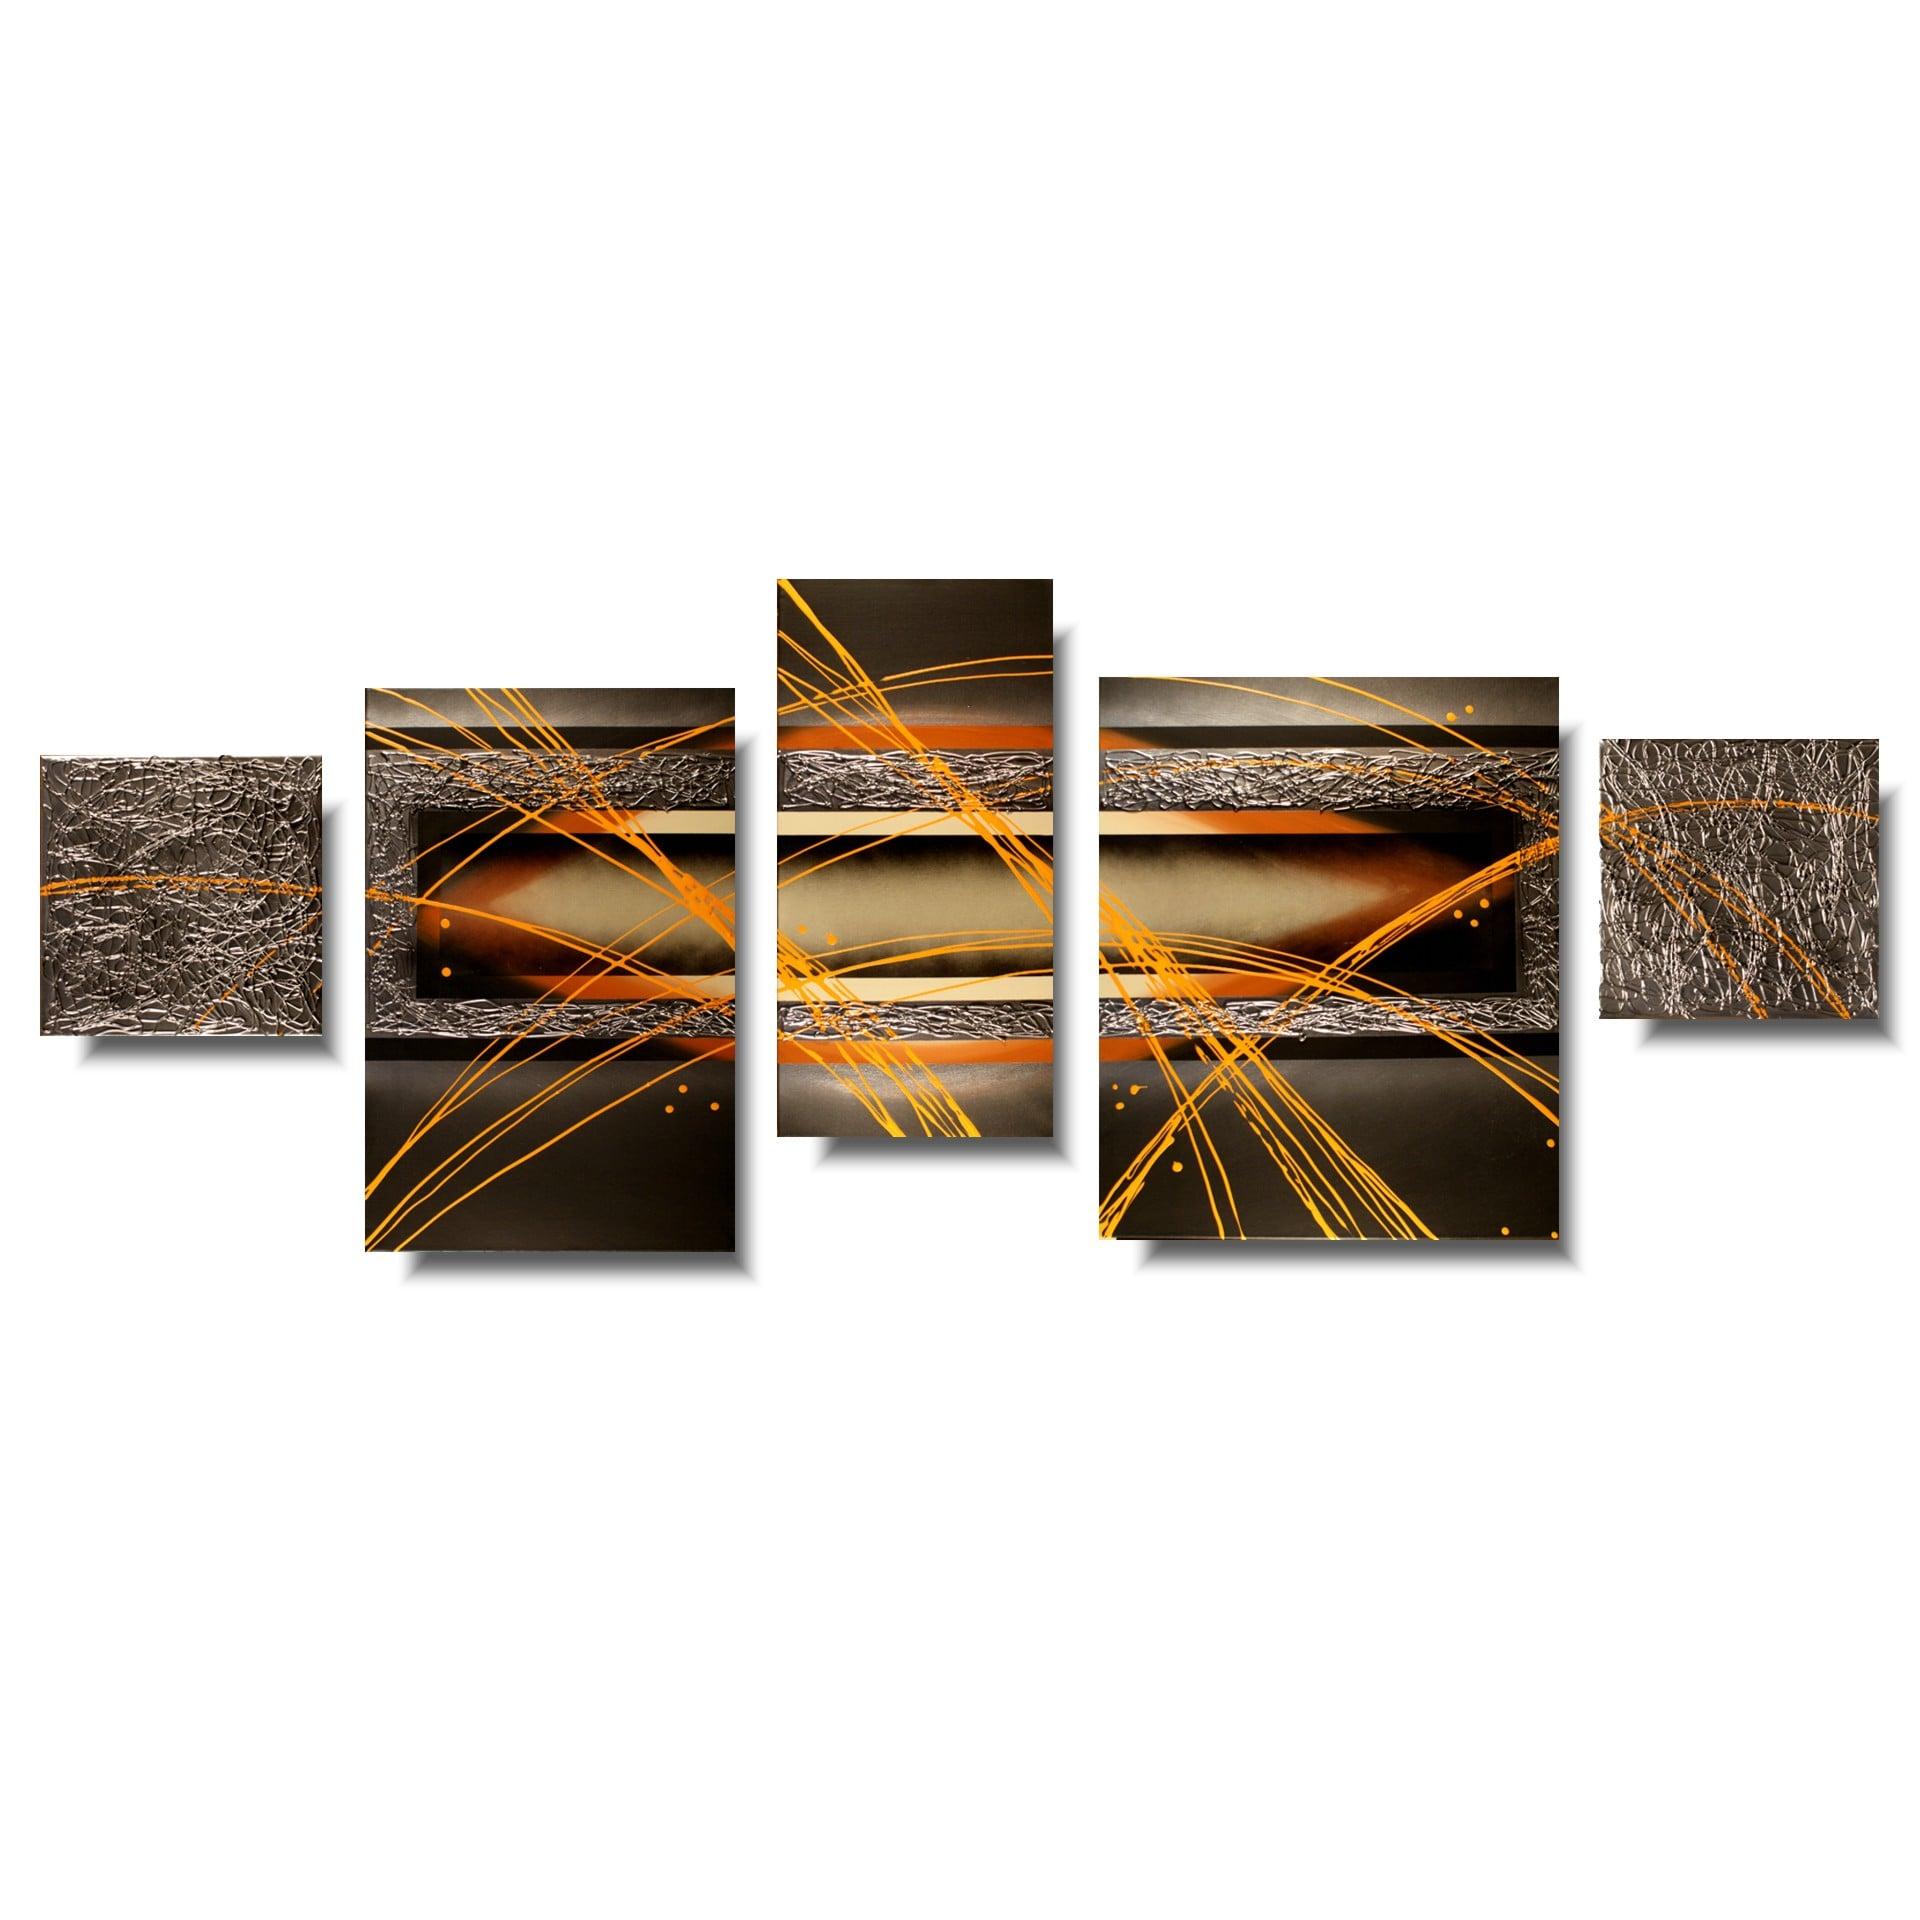 obraz nowoczesny abstrakcja 143